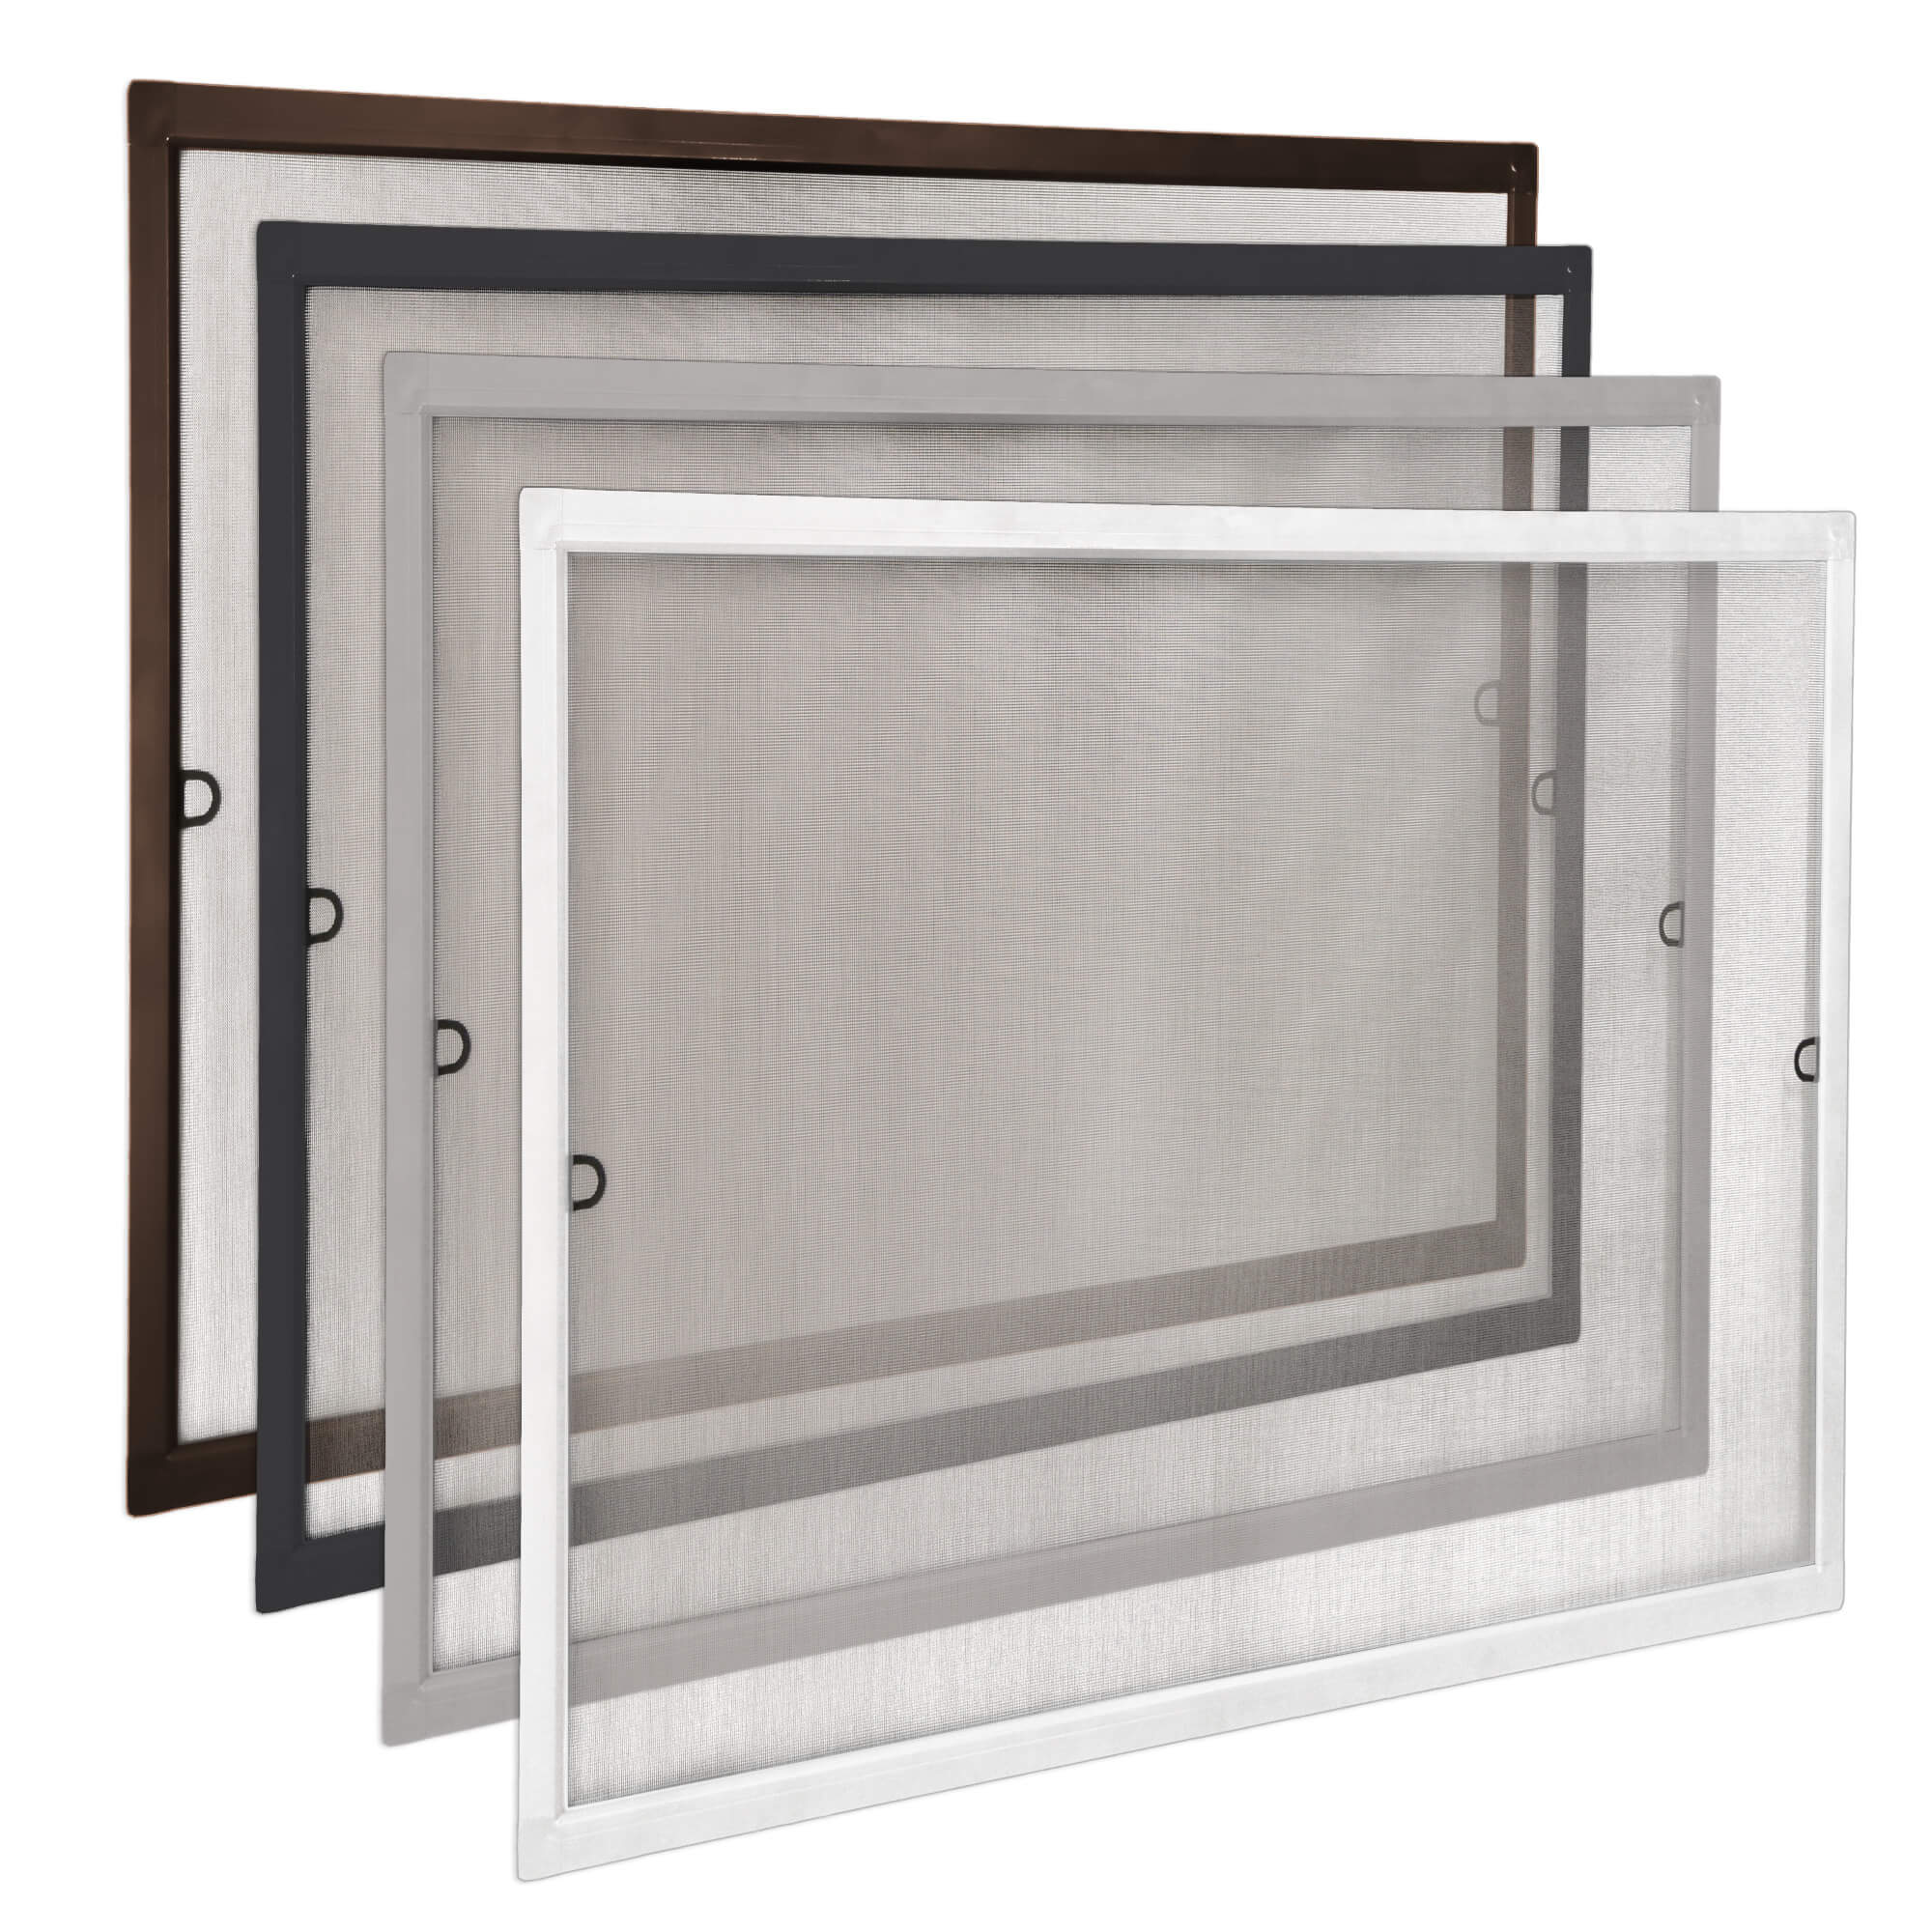 Insektenschutz Schiebe Fenster Fliegengitter M/ückenschutz weiss 75 x 100 cm